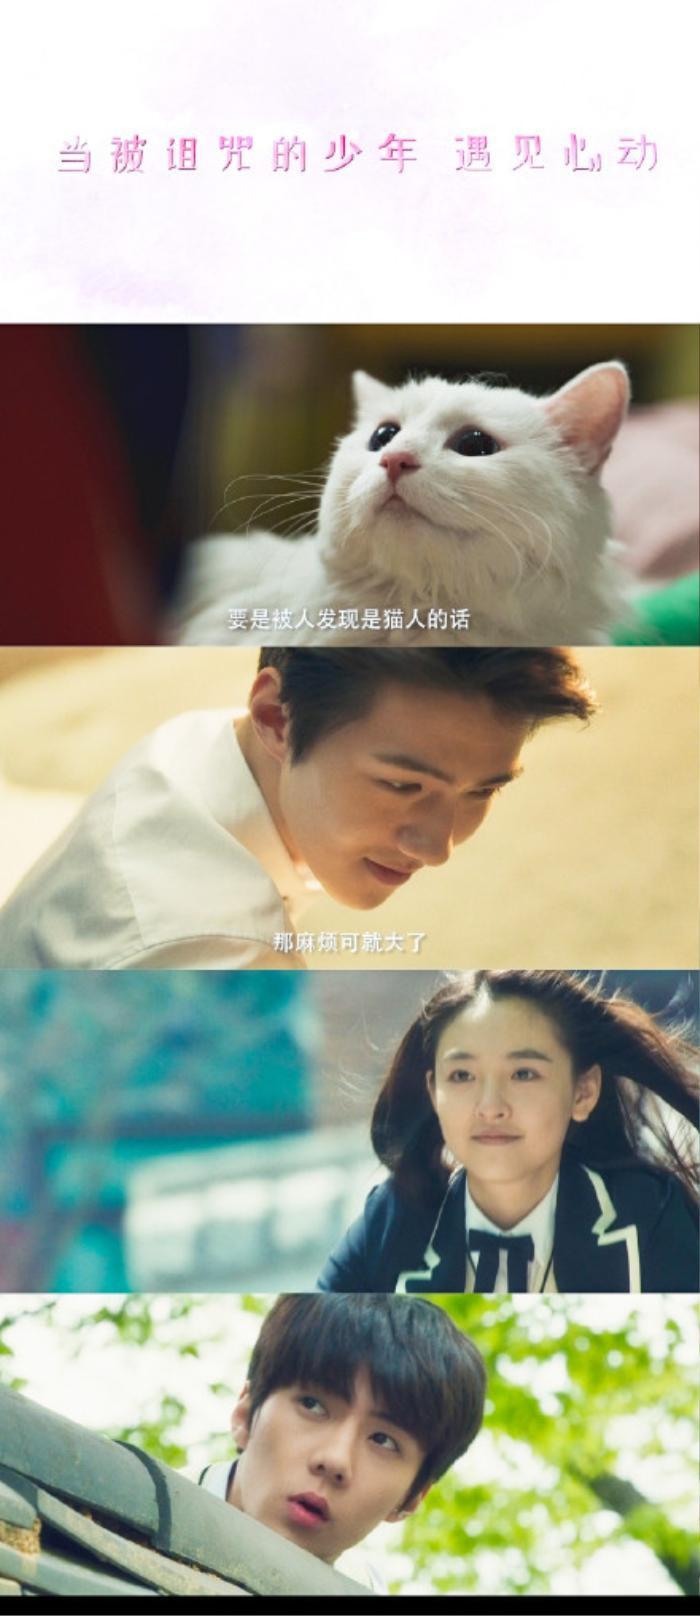 Sau thời gian dài 'đắp chiếu', cuối cùng phim điện ảnh của Sehun - Ngô Thiến cũng có cơ hội ra mắt? Ảnh 6